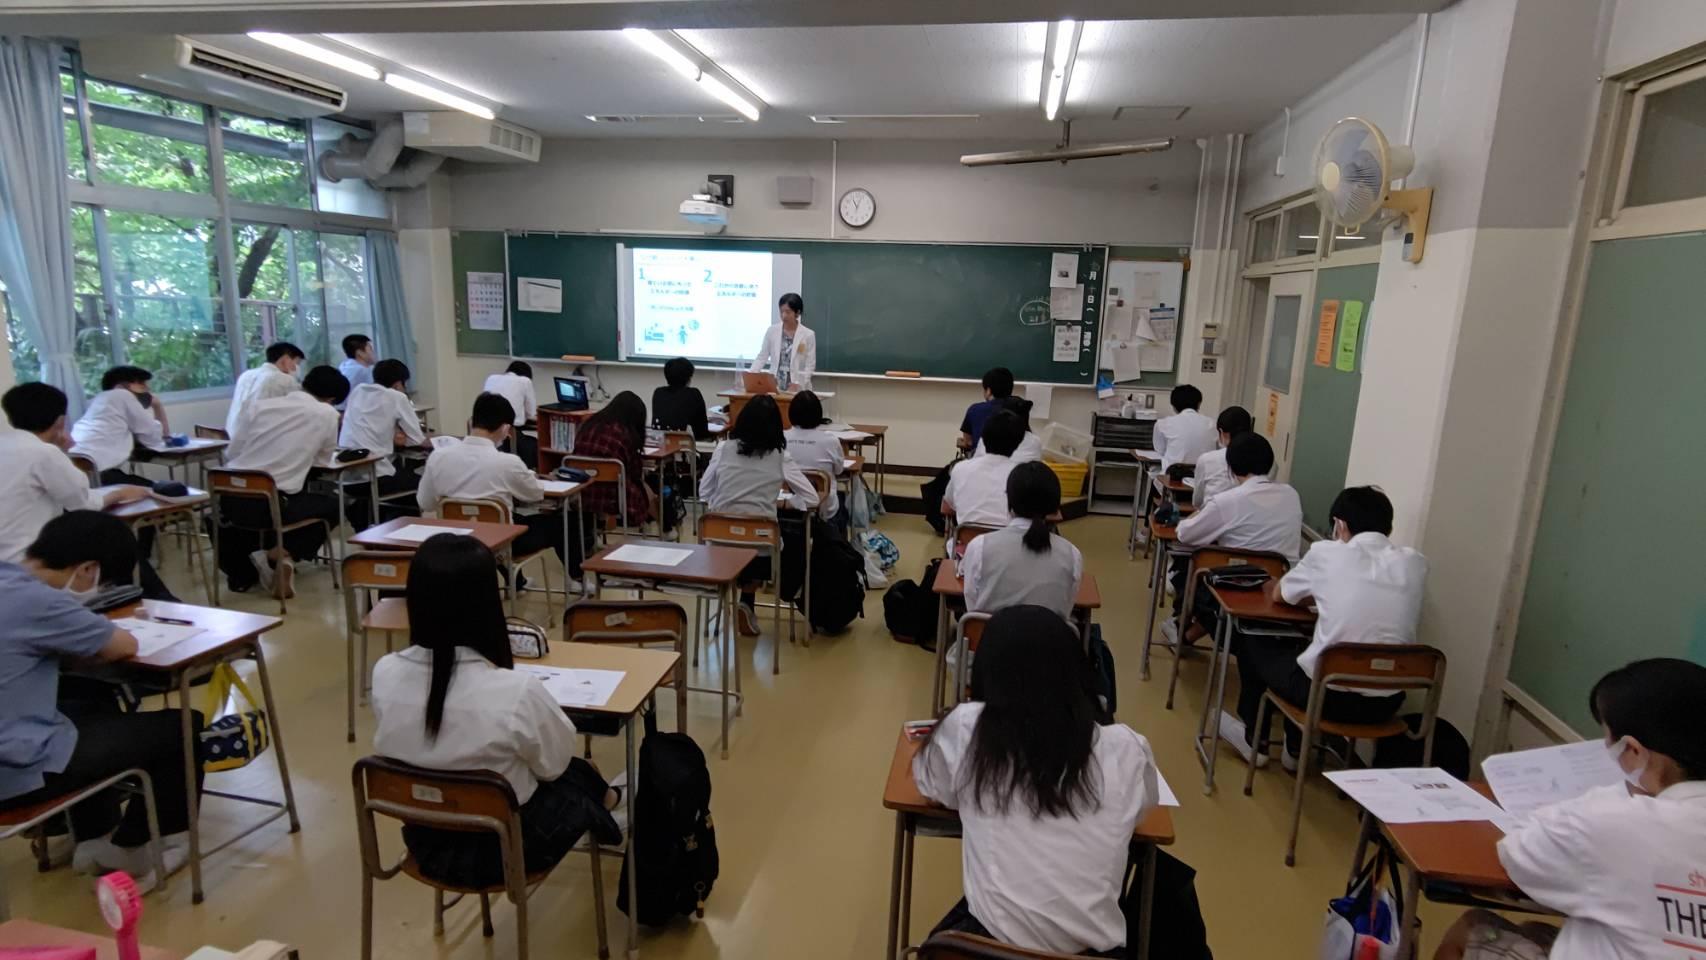 【アスリートフードマイスタ-活動報告】東京都教育委員会モデル事業「エンジョイスポーツプロジェクト」 ~高校生に朝食を食べてもらいたい!「GOOD HABIT」の勧め~